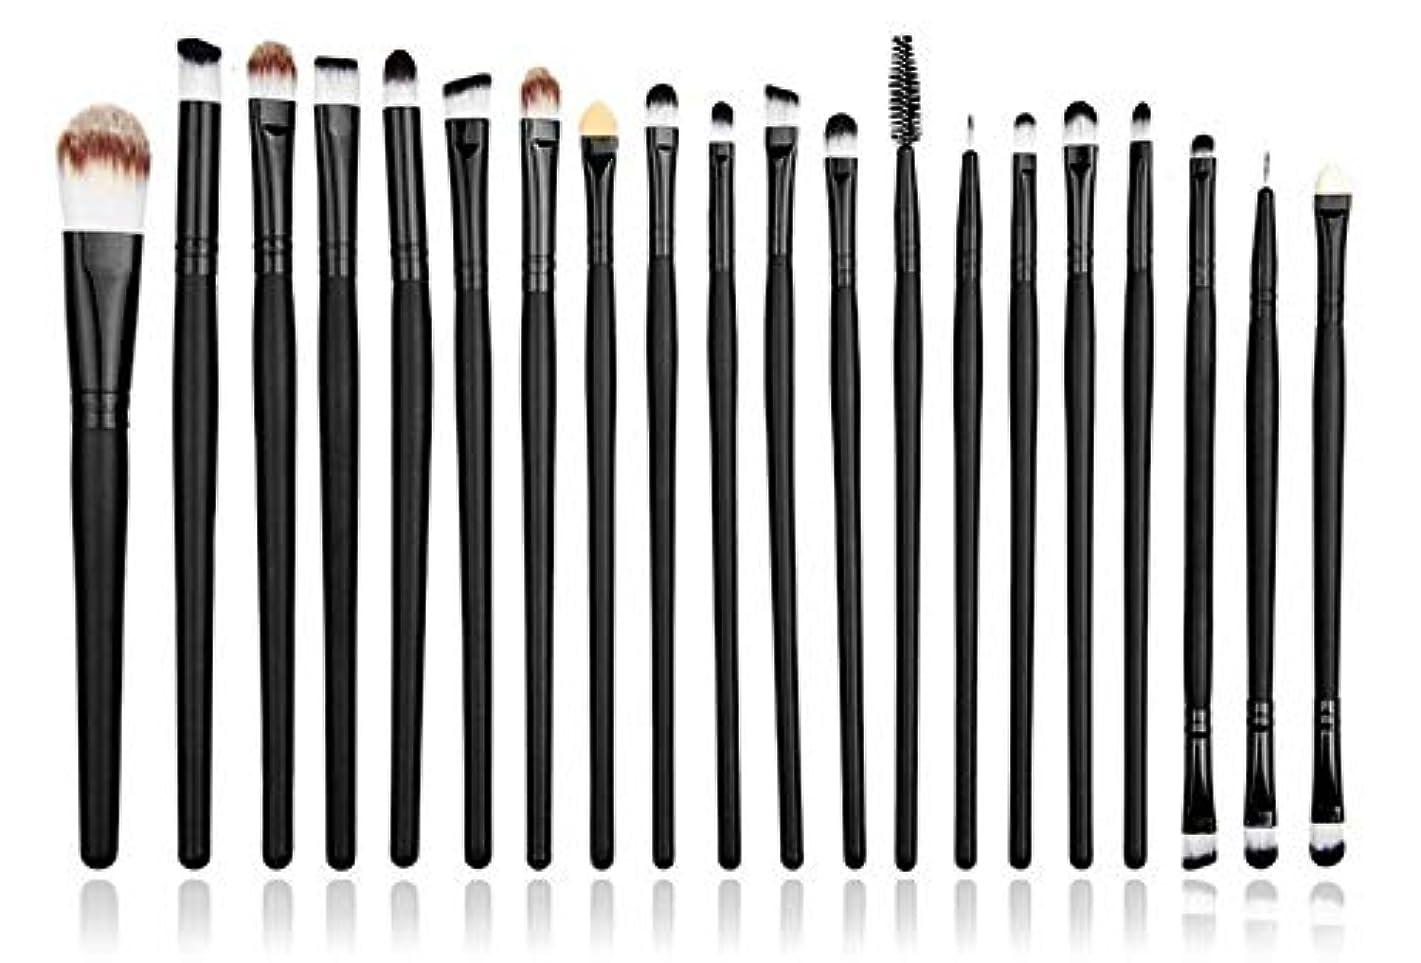 アストロラーベ属性土器アイメイクブラシセット(20pcs)メイクブラシ 化粧筆 黒